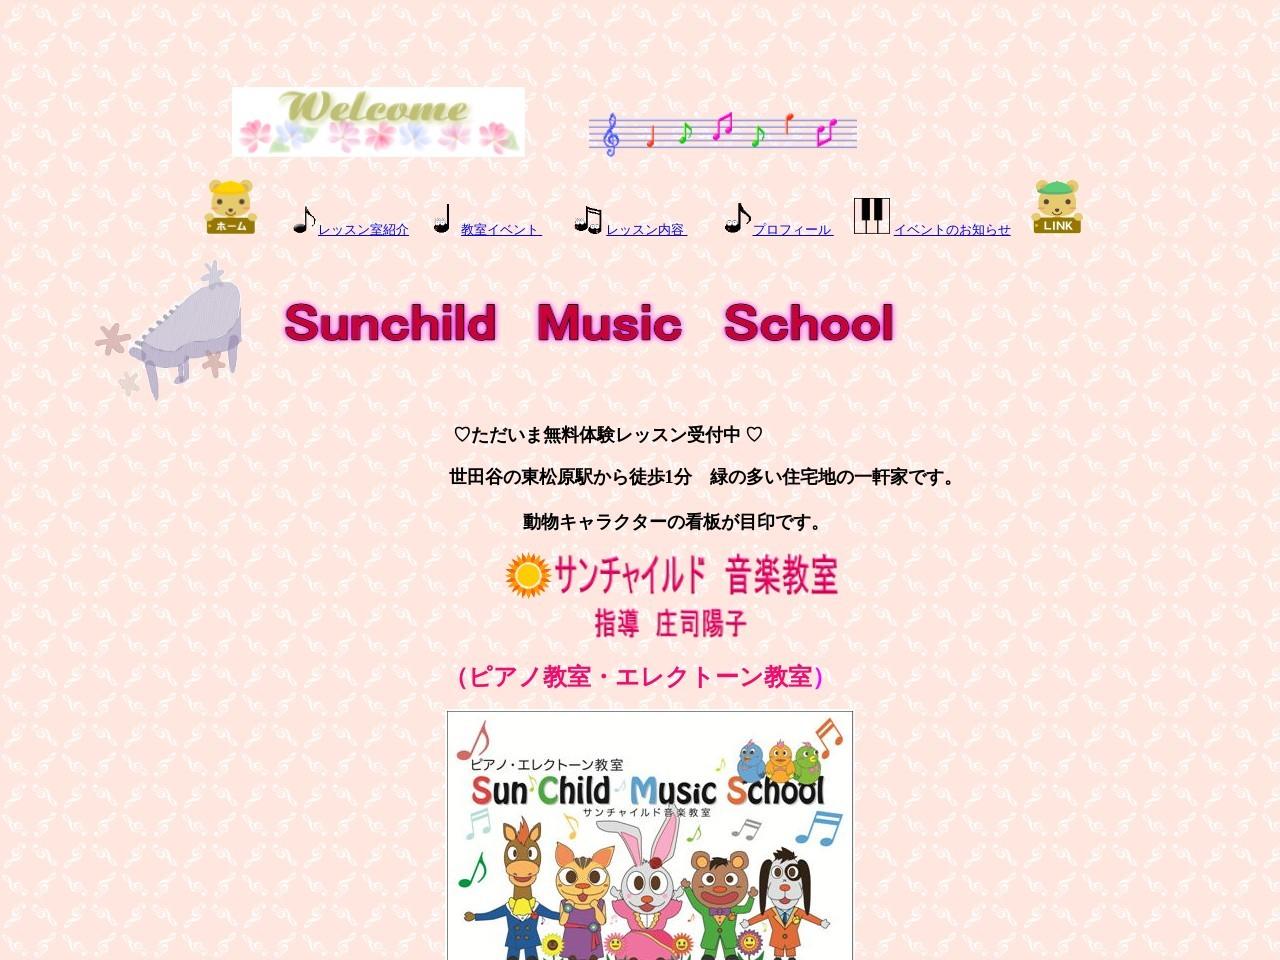 サンチャイルド音楽教室のサムネイル